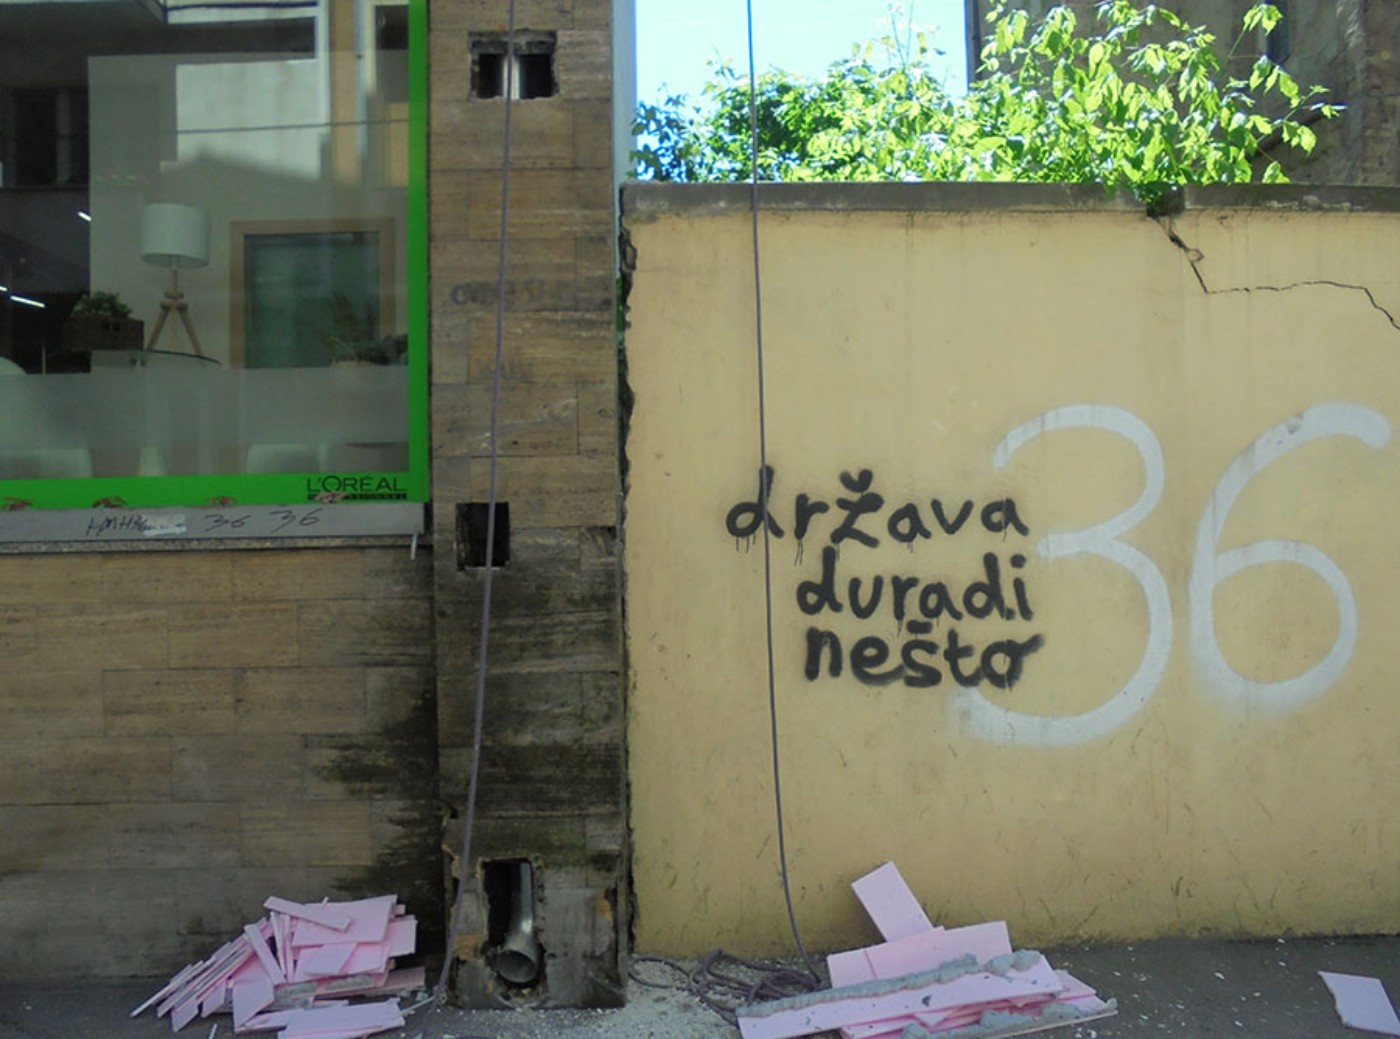 foto-slavicamiletic34new.jpg